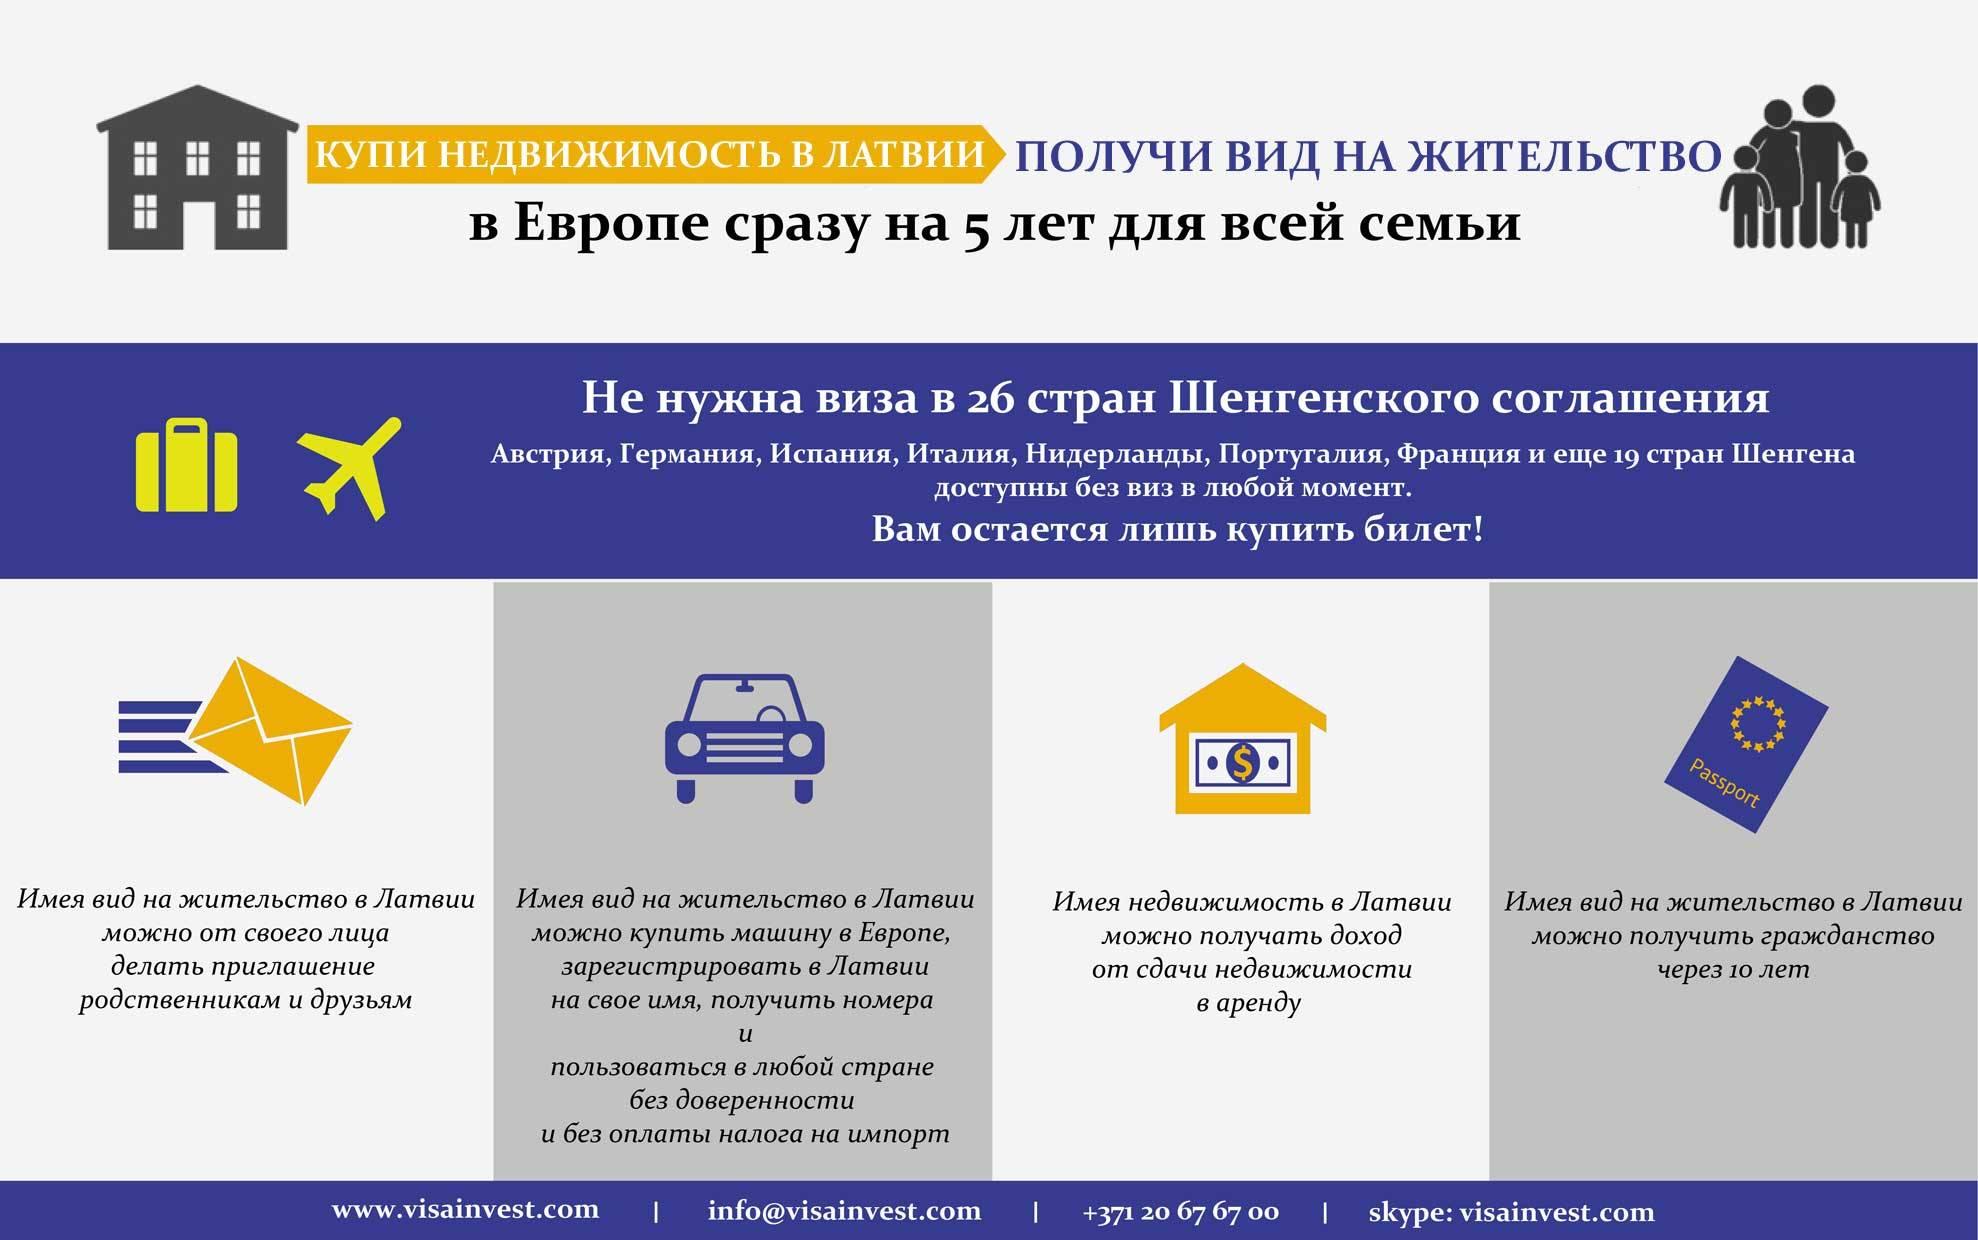 Гражданство латвии для россиян — как получить в 2021 году?